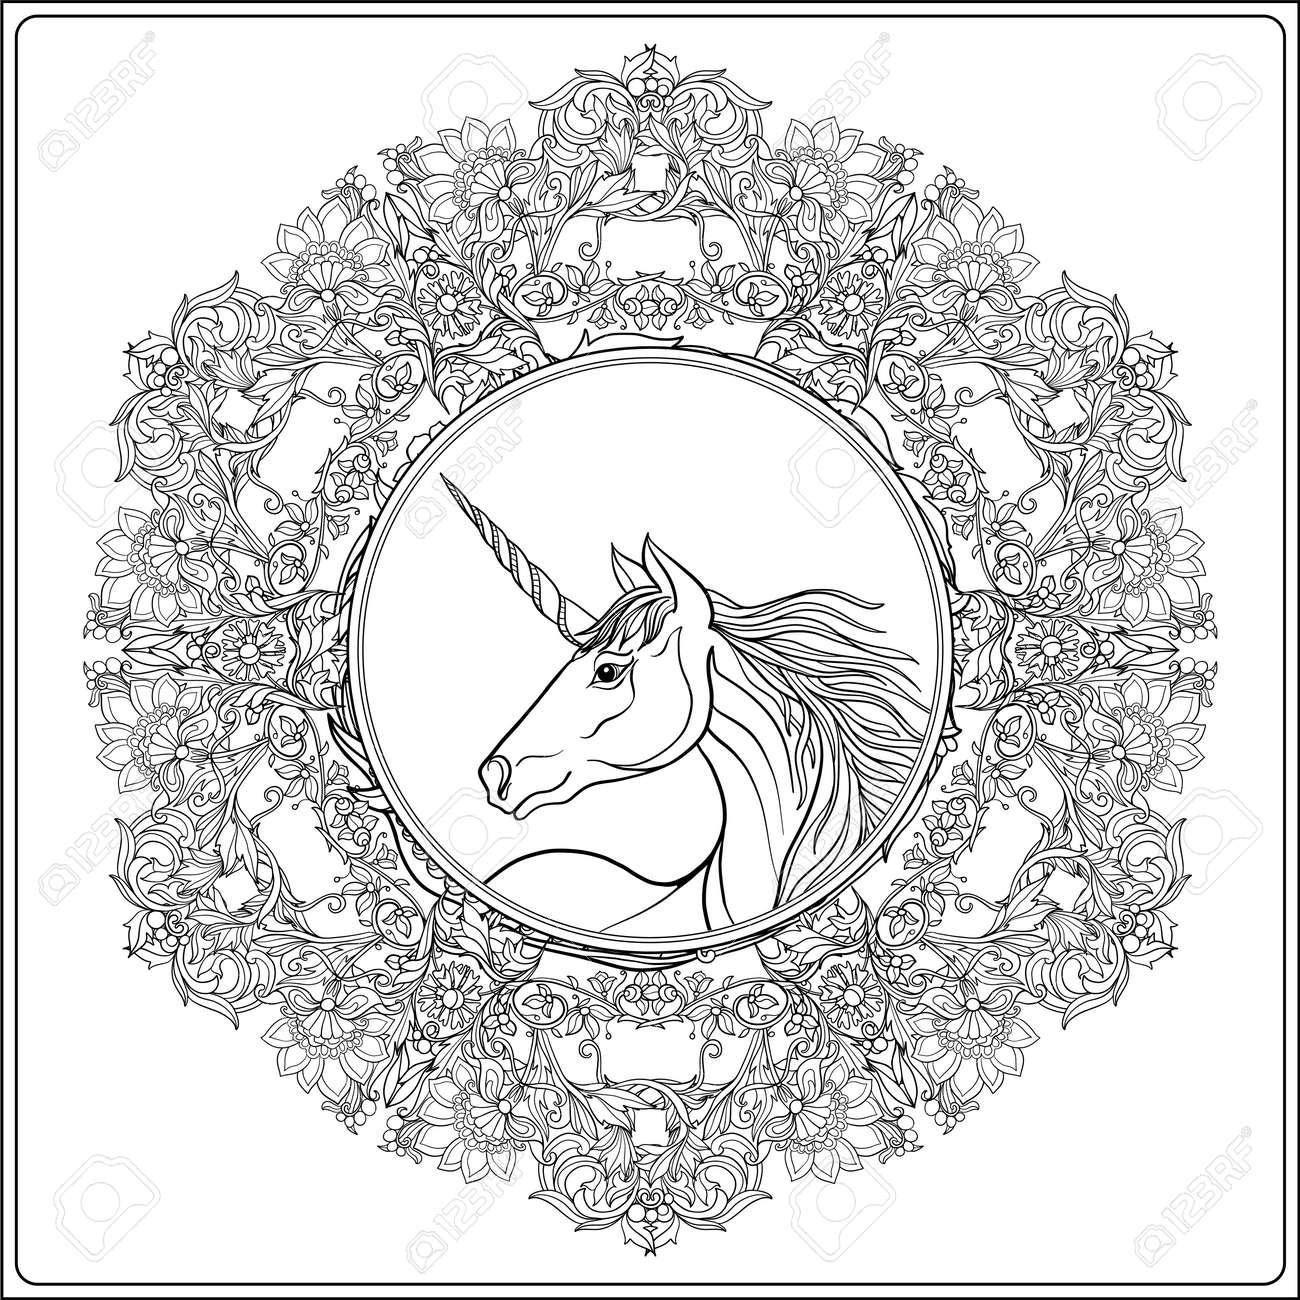 Unicorn Dans Le Cadre Vintage Mandala Floral Decoratif Illustration